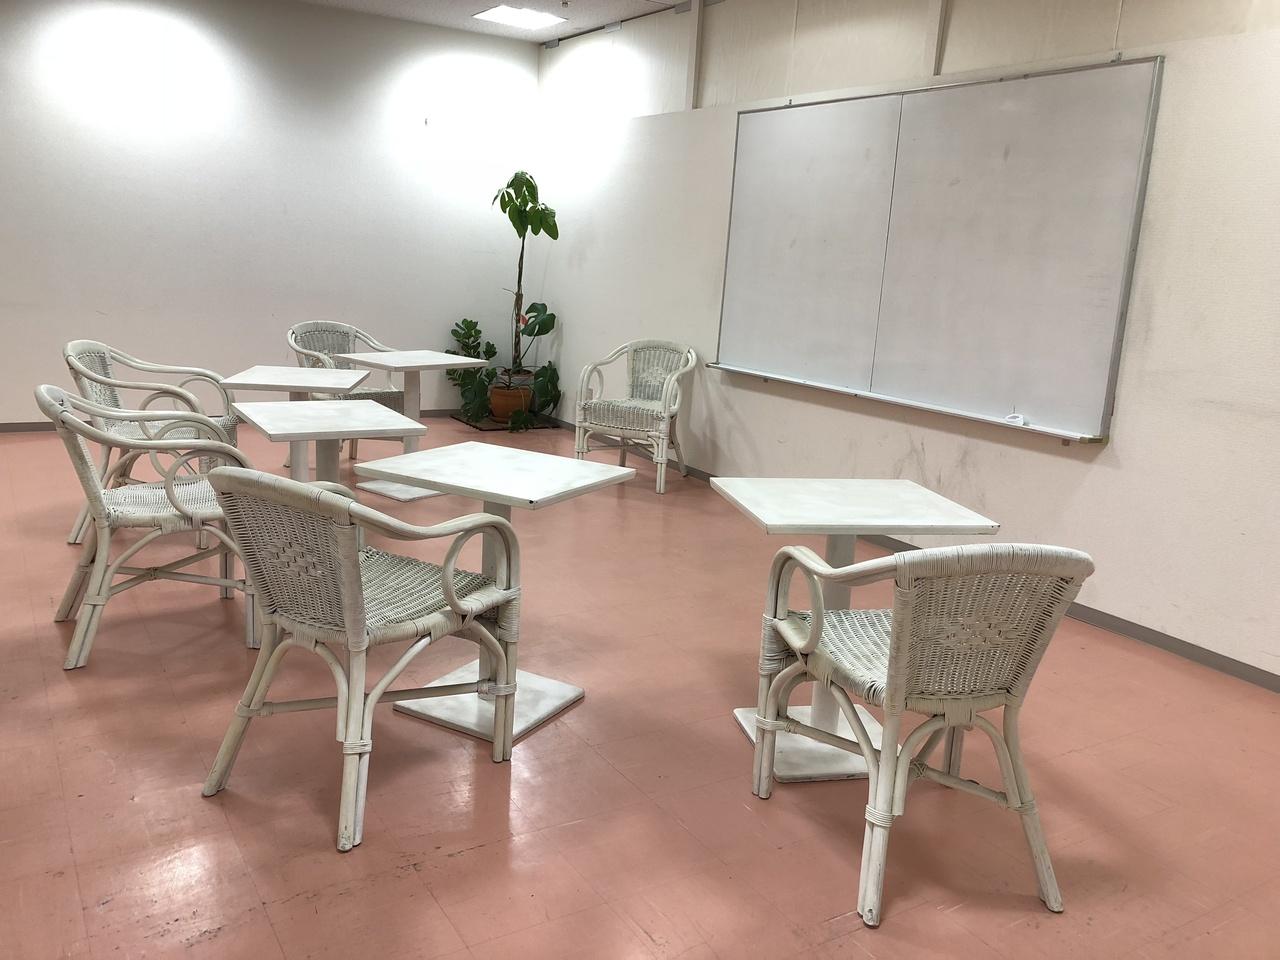 ワークショップ利用に最適な会議室203【30分1500円、30㎡:~6名】